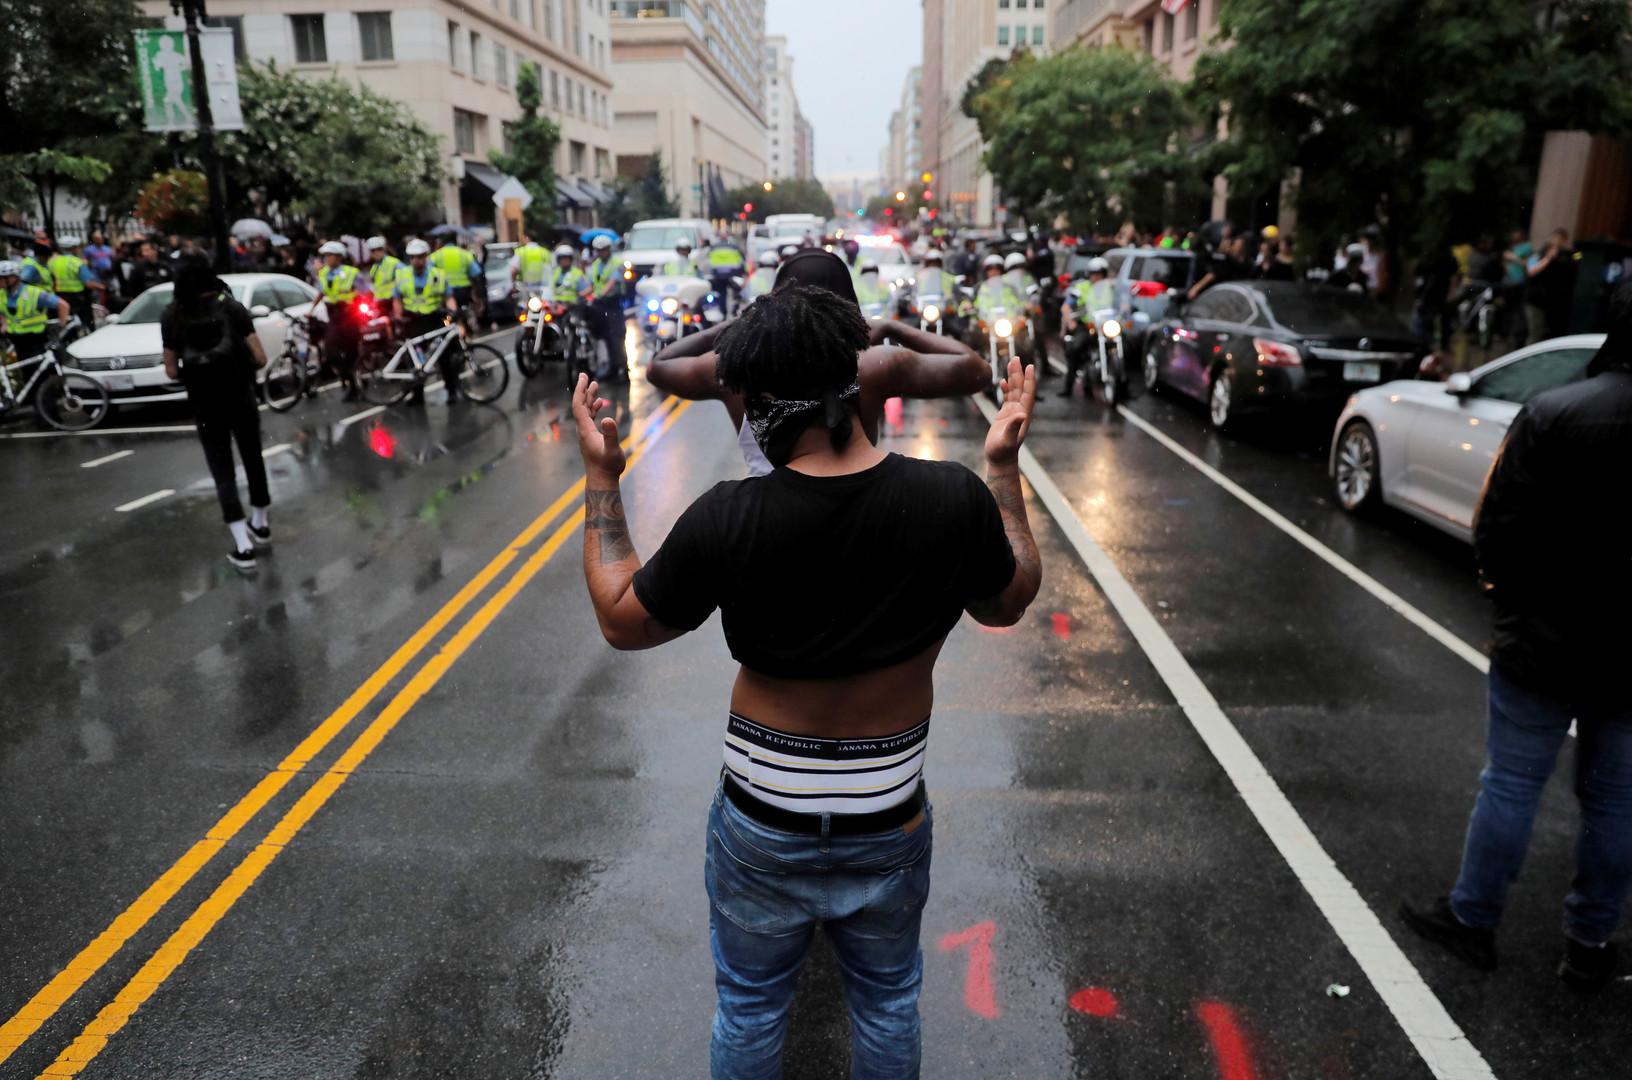 """Gegendemonstranten warten auf die """"Weißen Nationalisten"""" ein Jahr nach Charlottesville, Washington, USA, 12. August 2018."""